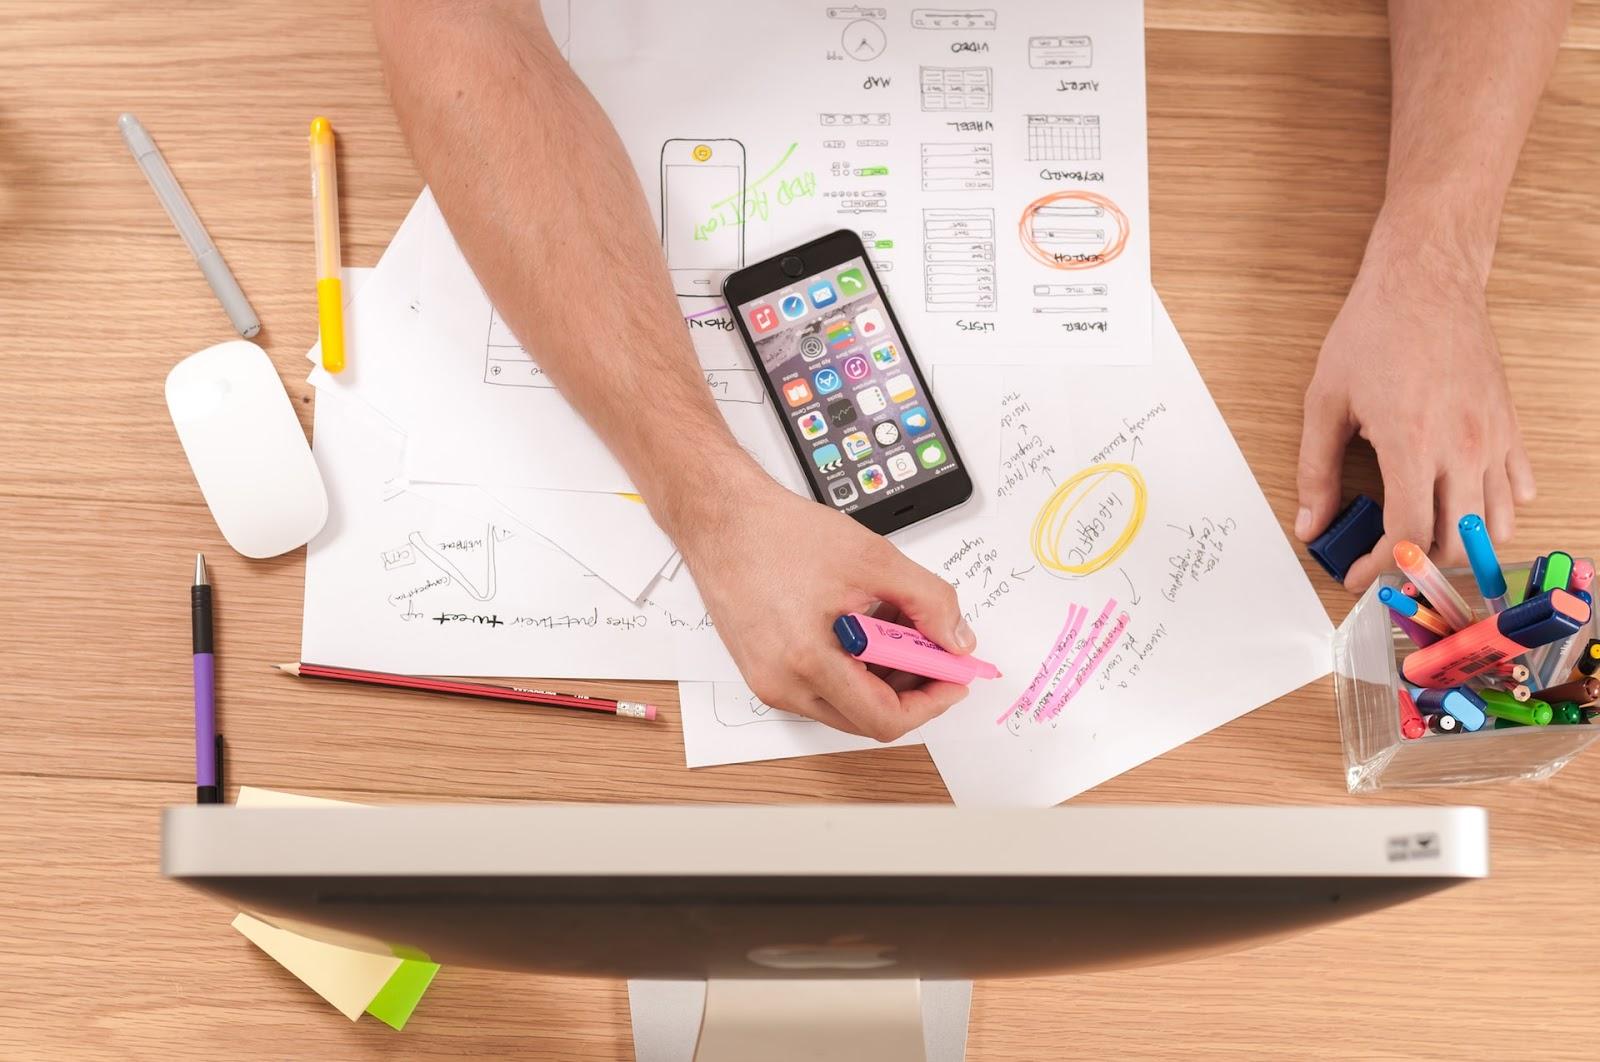 A gestão de projetos organiza e gerencia as atividades necessárias para concluir um job em uma agência de comunicação (Imagem: Firmbee/Unsplash)